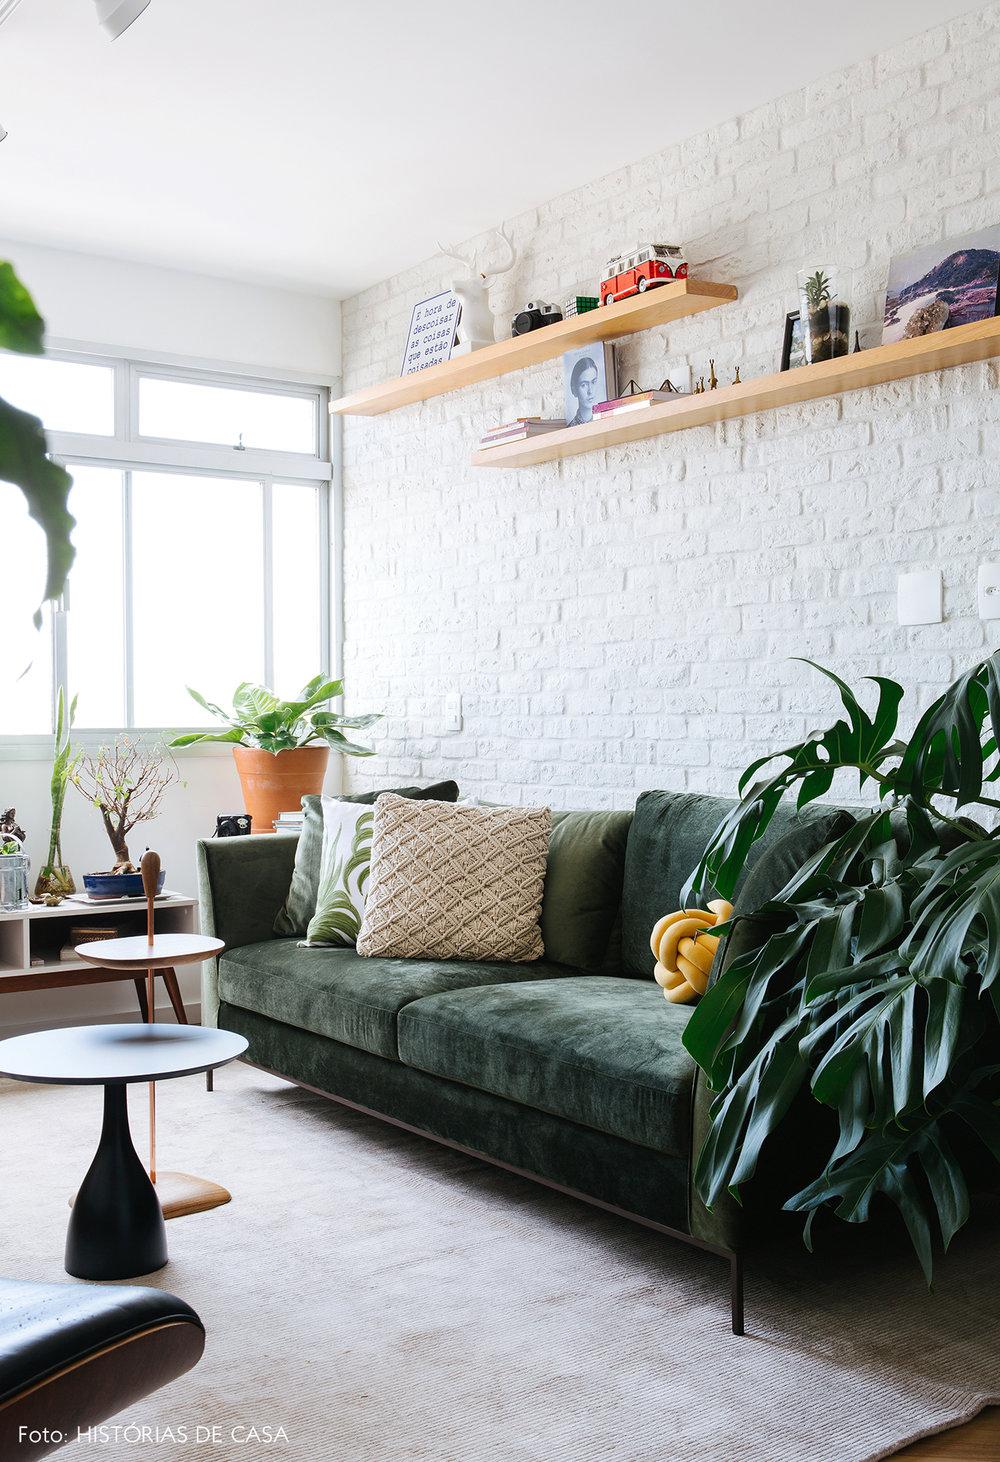 40-decoracao-apartamento-sala-sofa-veludo-verde.jpg